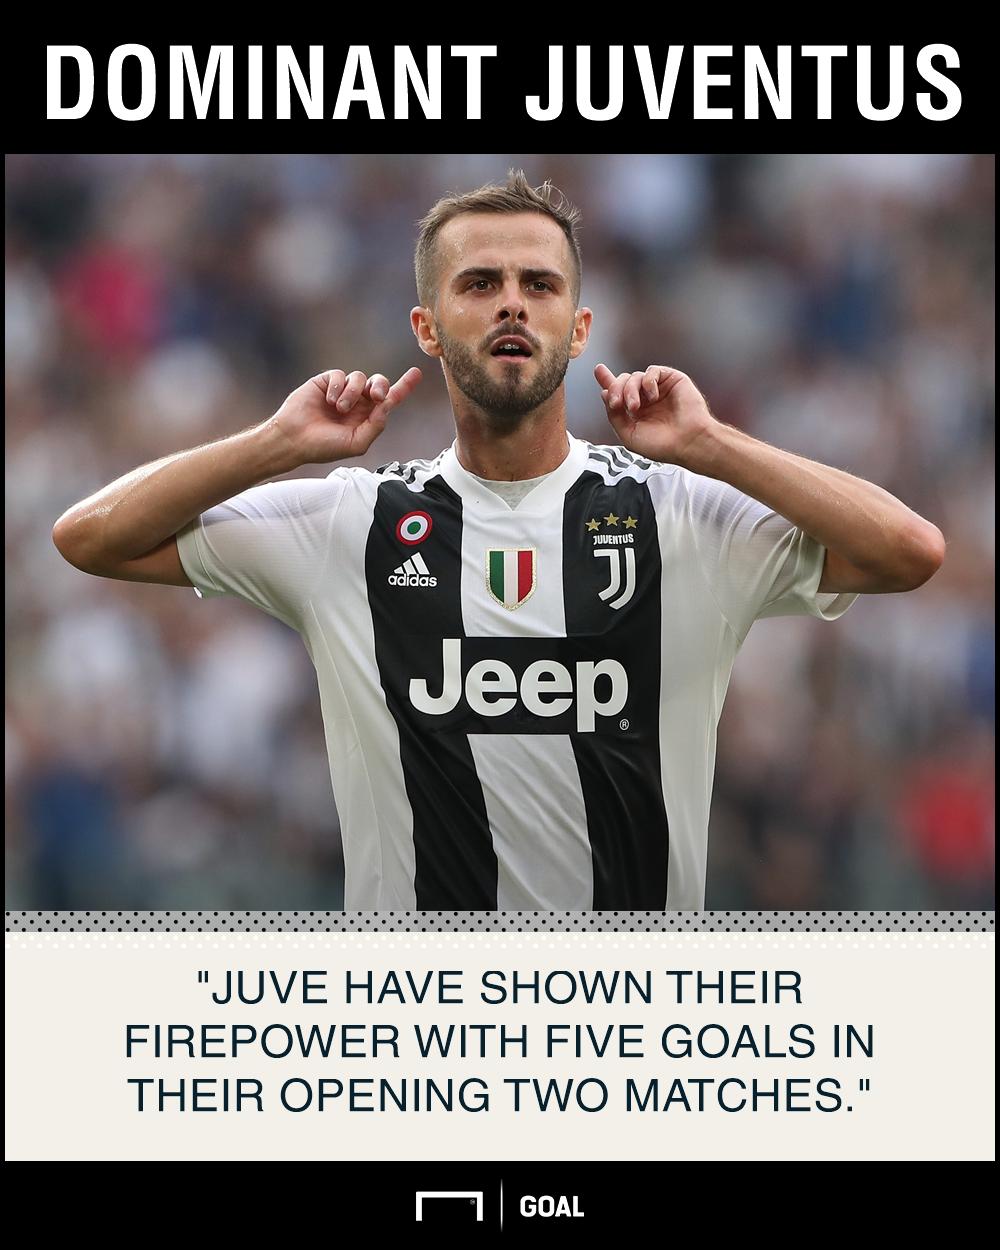 Parma Juventus graphic